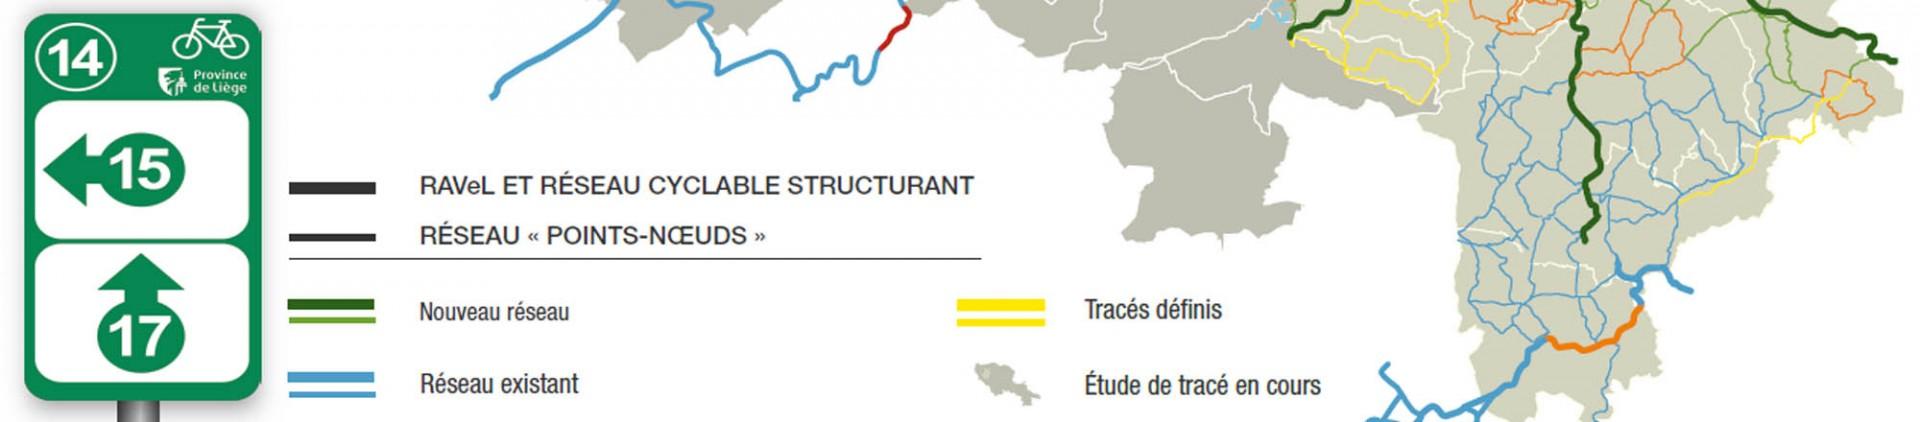 Konsultieren Sie den Stand des Netzwerks - Provinz Lüttich